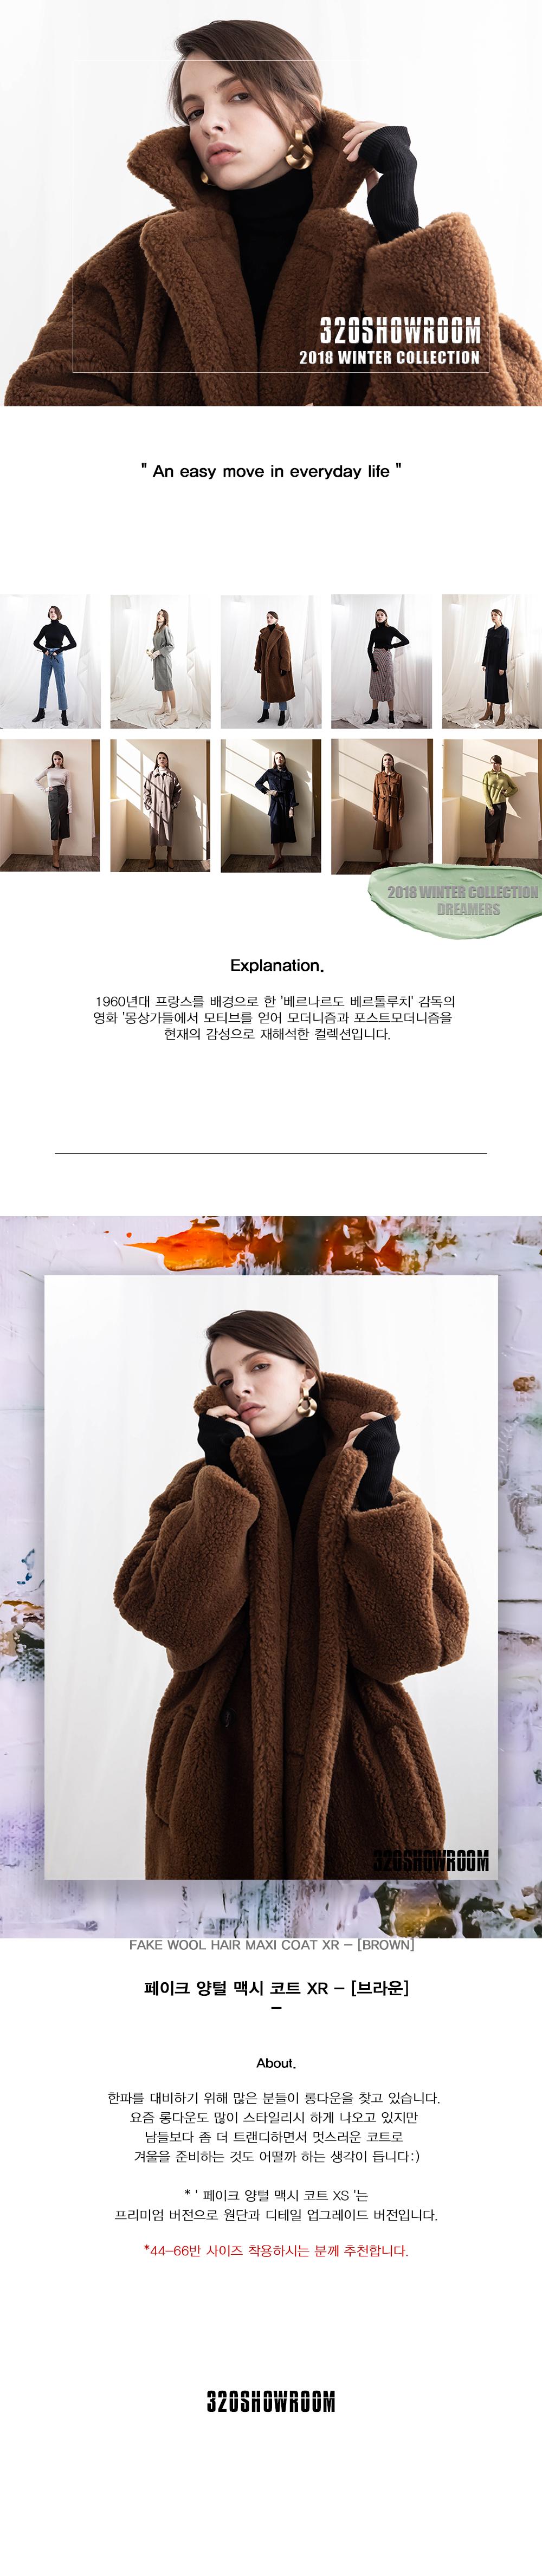 fake-fur-XR_01.jpg